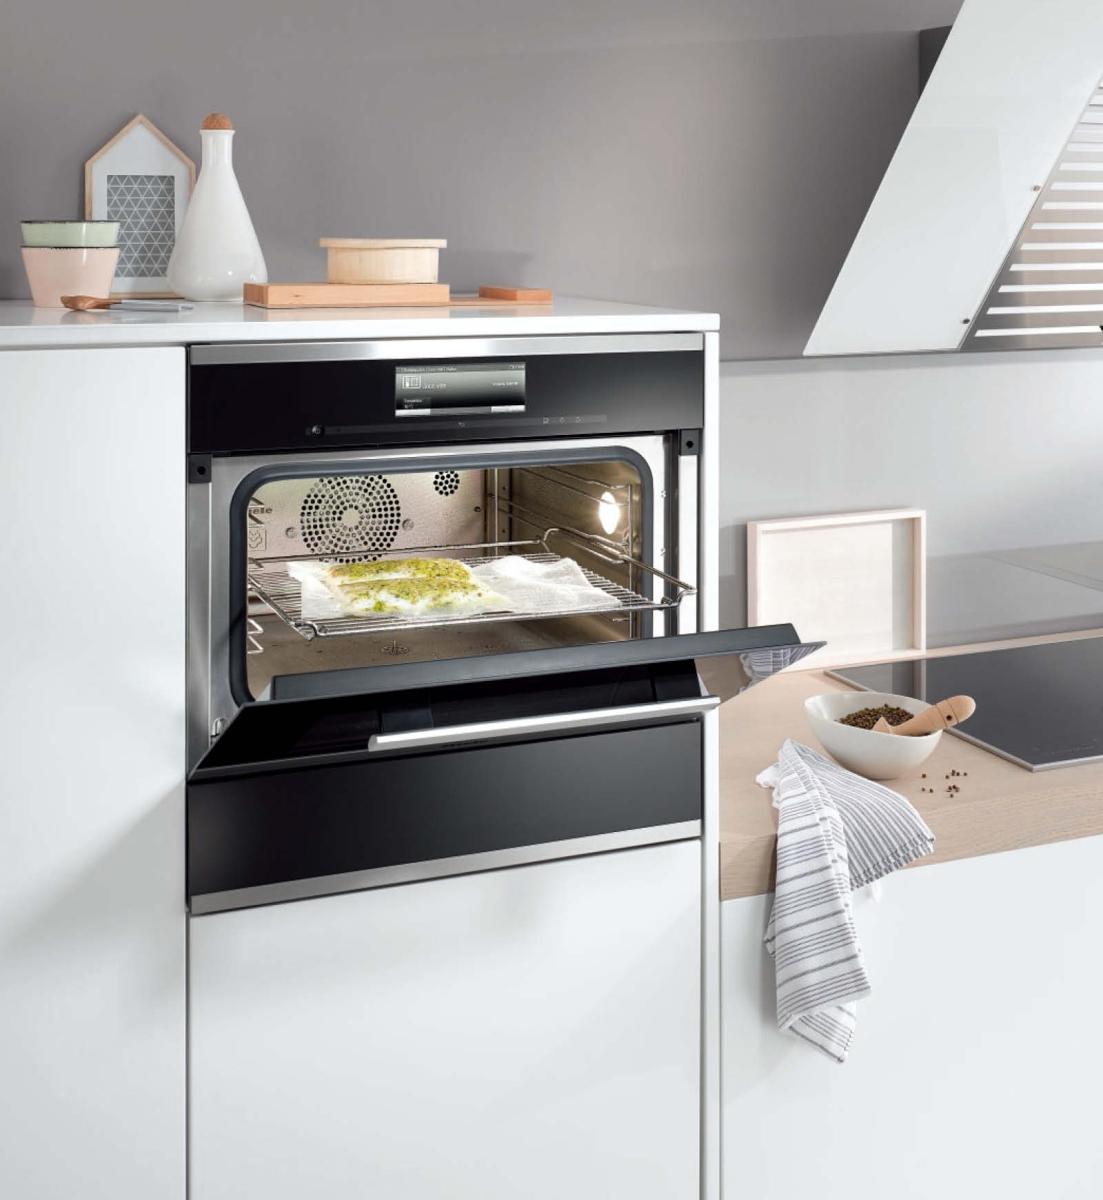 2 프레스티지 빌트인 오븐, 제너레이션 6000 시리즈 가격 미정 밀레.